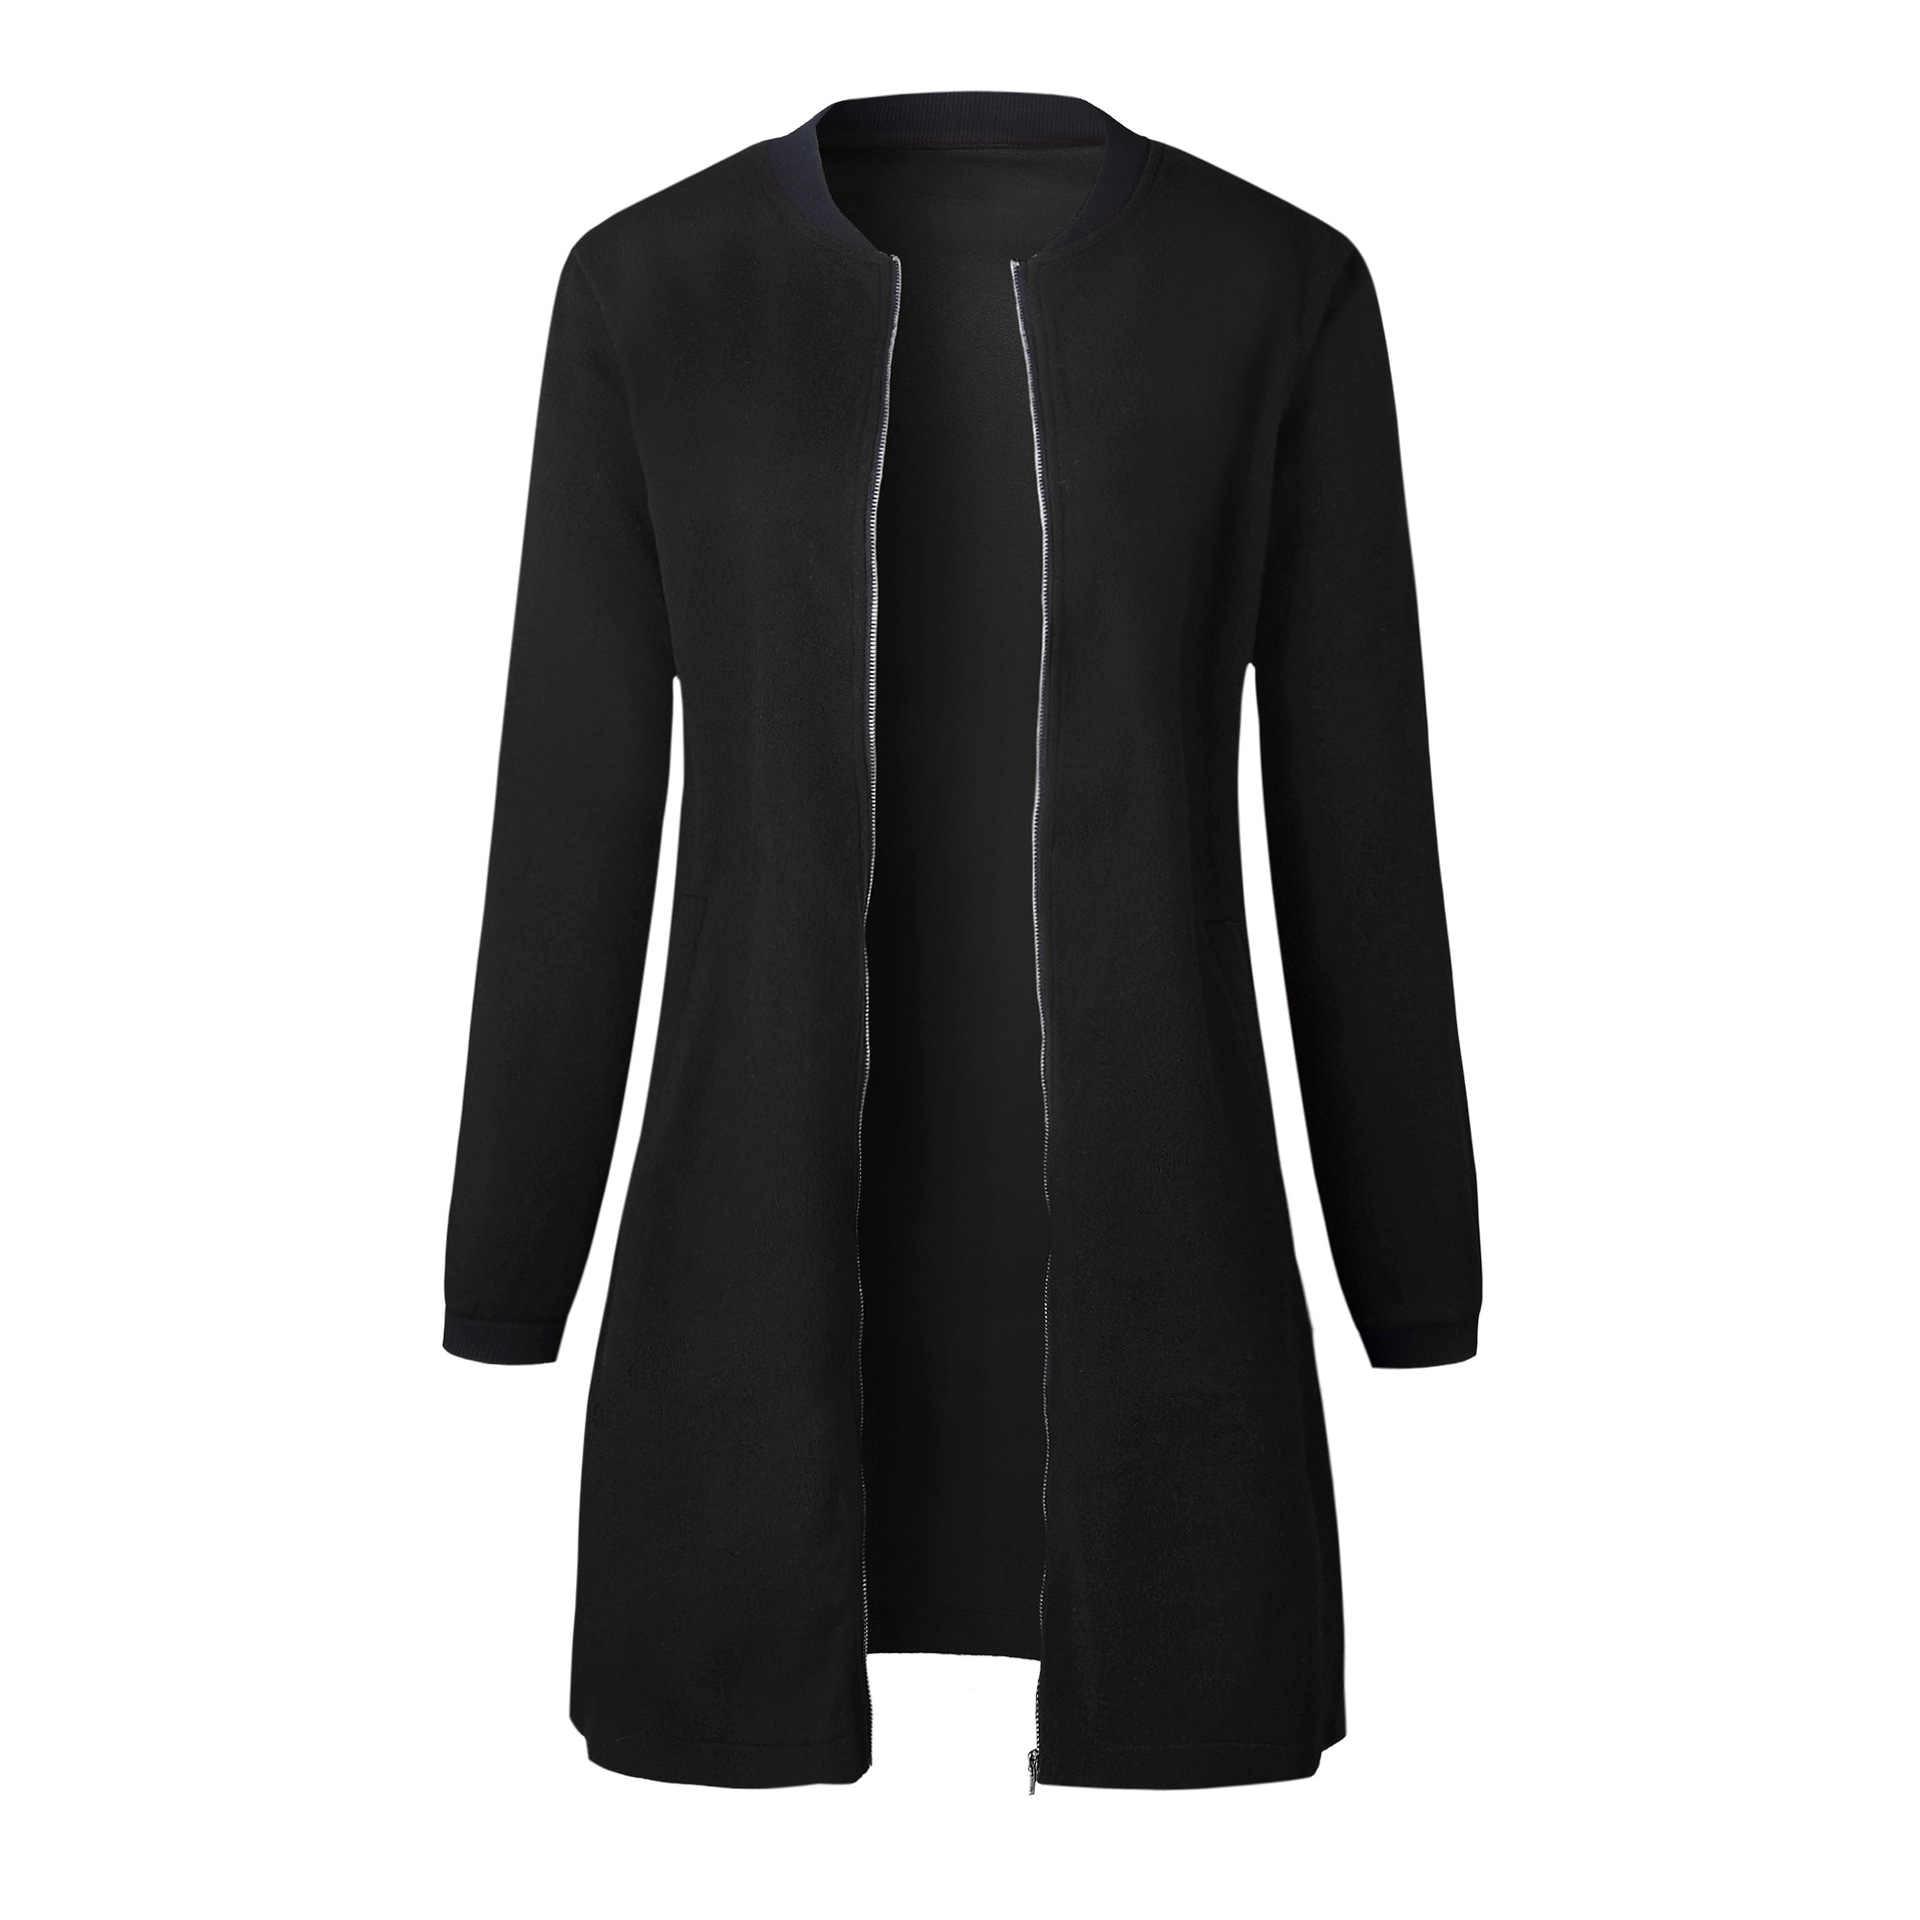 Женская Повседневная Весенняя верхняя одежда 2018 черного и серого цвета, теплое пальто, женское длинное пальто с круглым вырезом и воротником